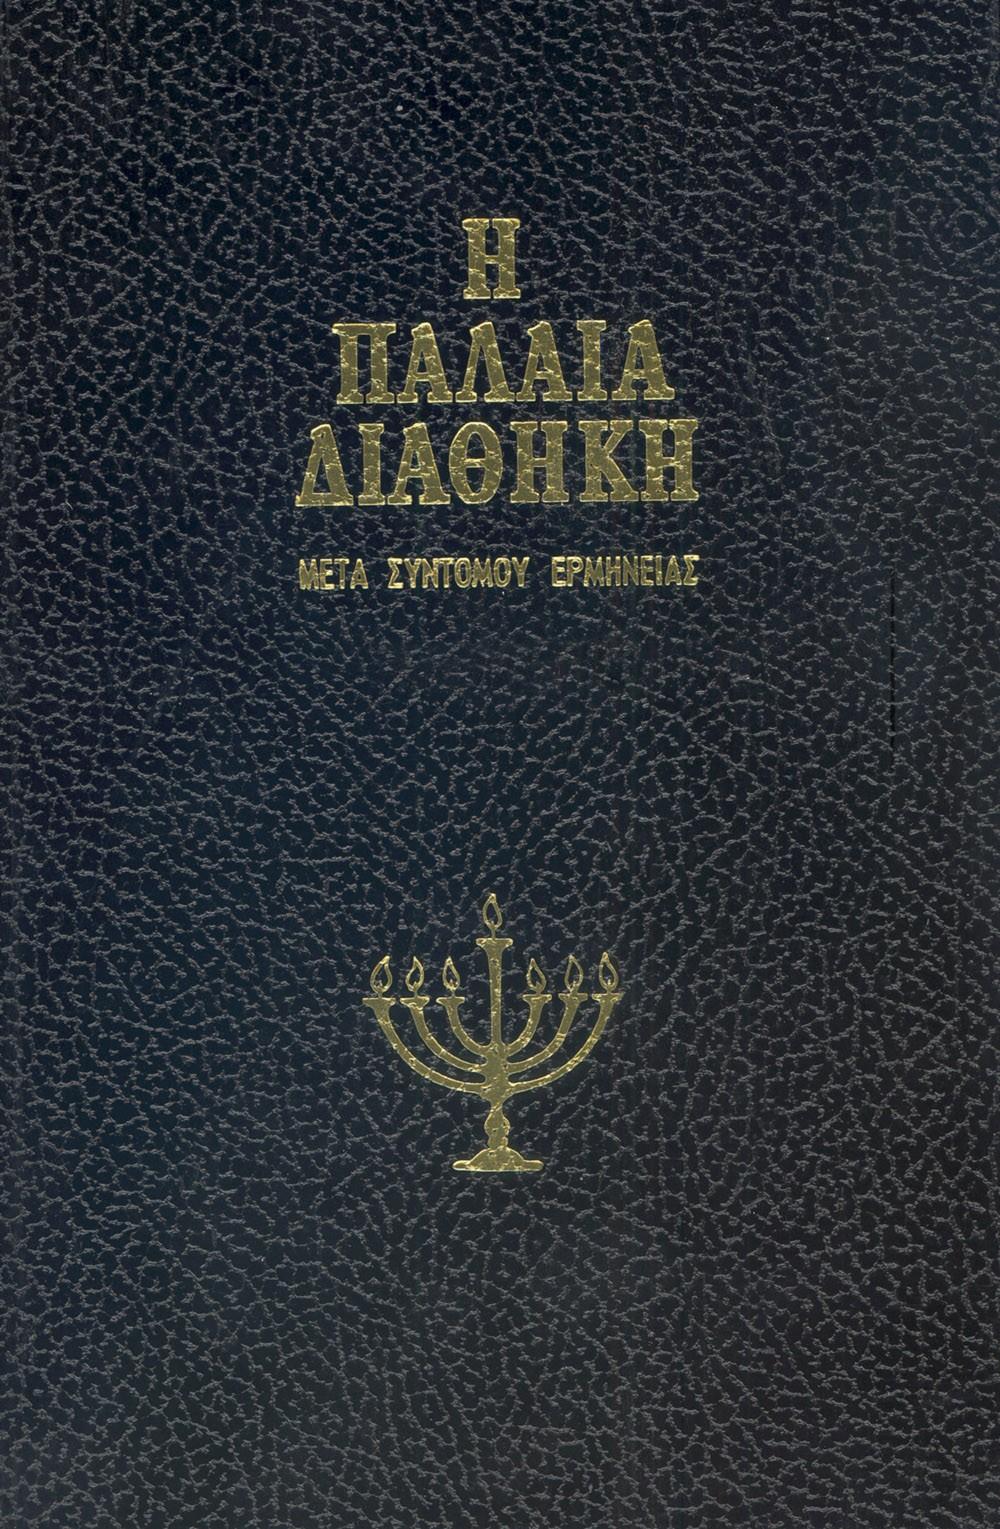 Παλαιά Διαθήκη ΠΑΛΑΙΑ ΔΙΑΘΗΚΗ Τόμος ΙΒ΄ ΠΑΡΟΙΜΙΑΙ - ΕΚΚΛΗΣΙΑΣΤΗΣ